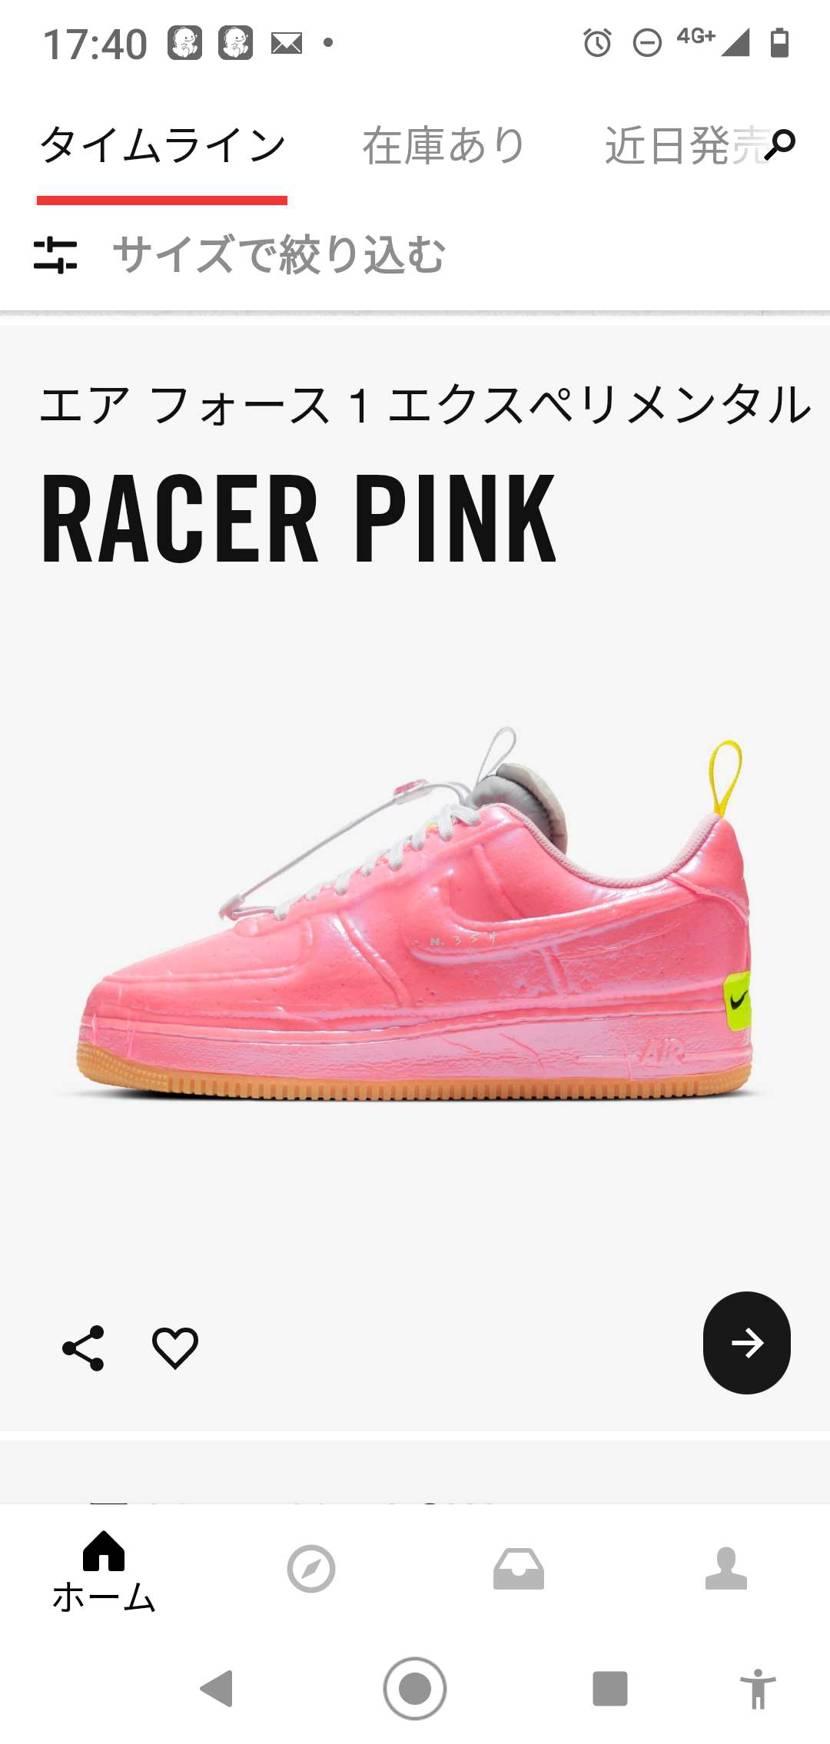 ピンク以外出るかな〜😁